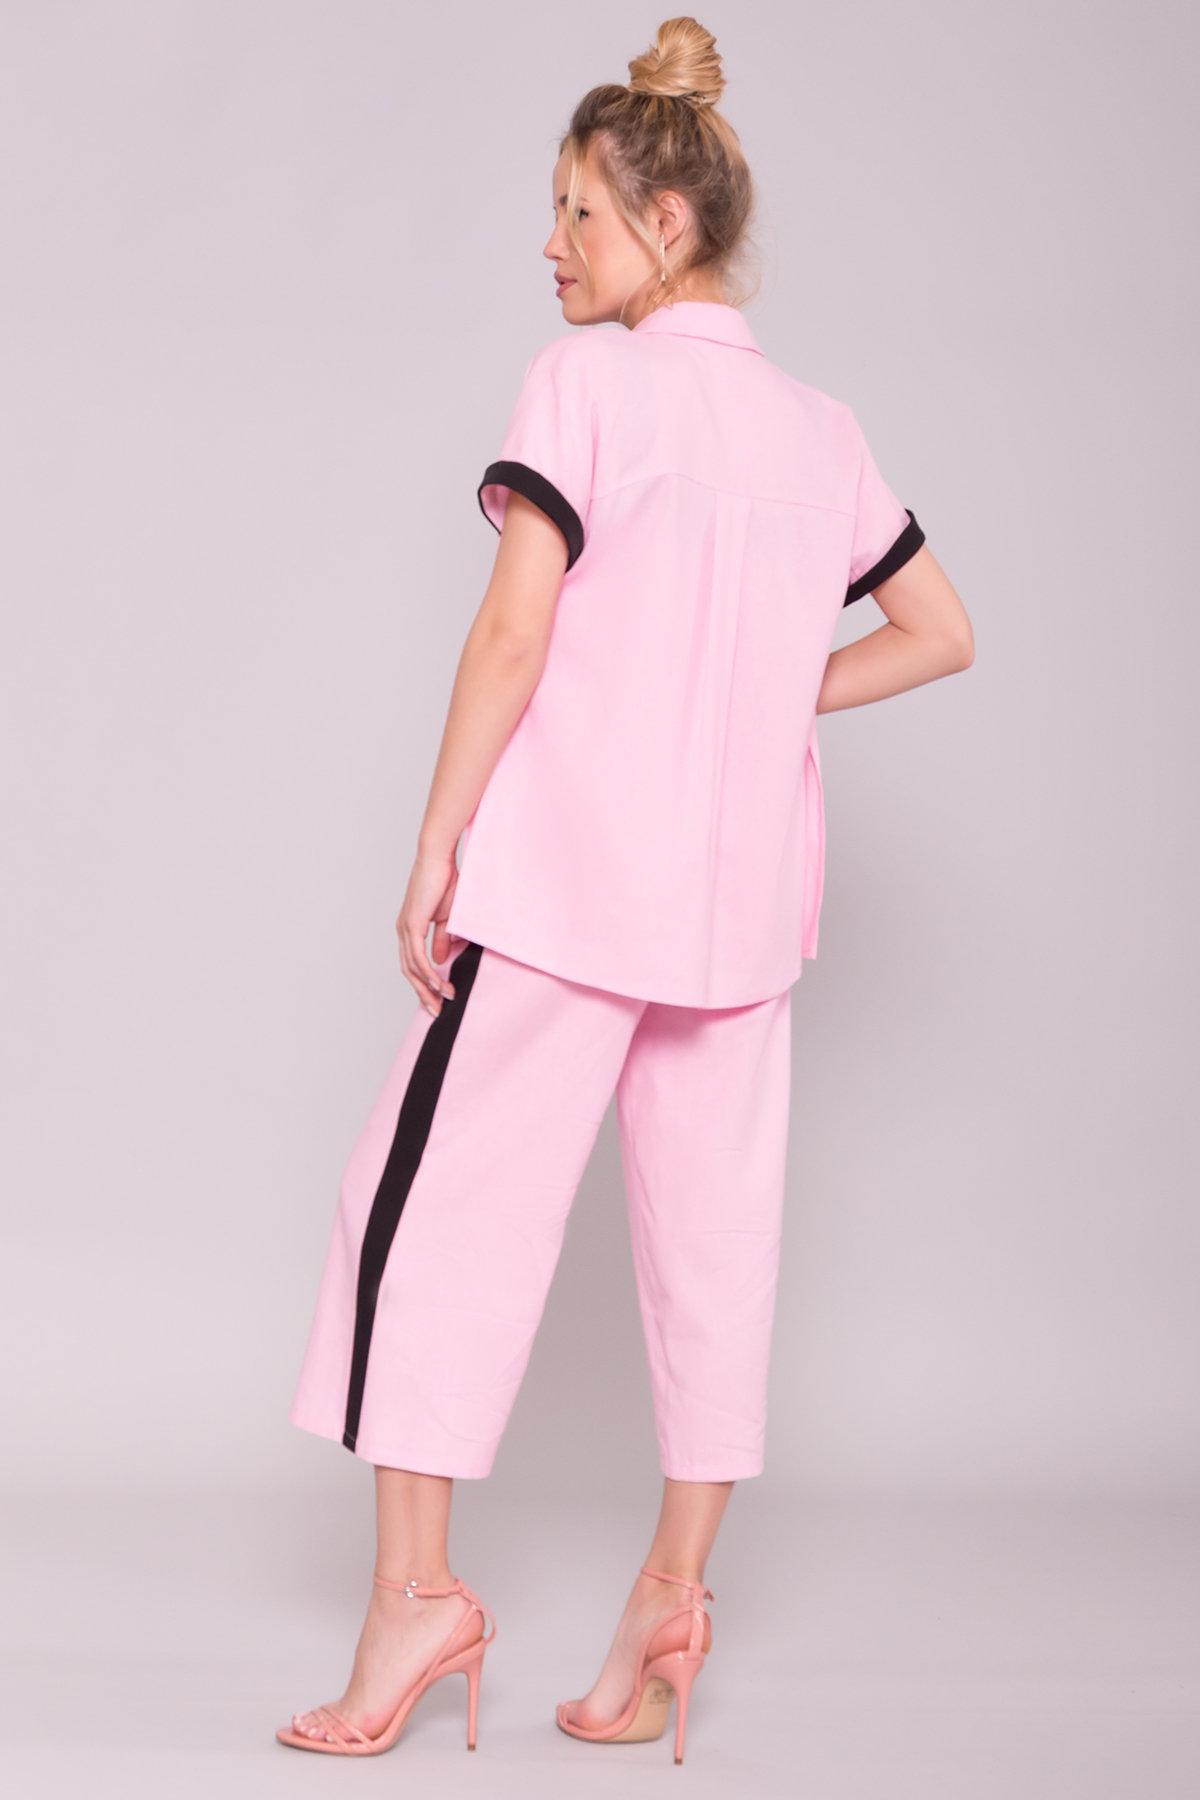 Костюм Канто 7357 Цвет: Розовый/ Черный